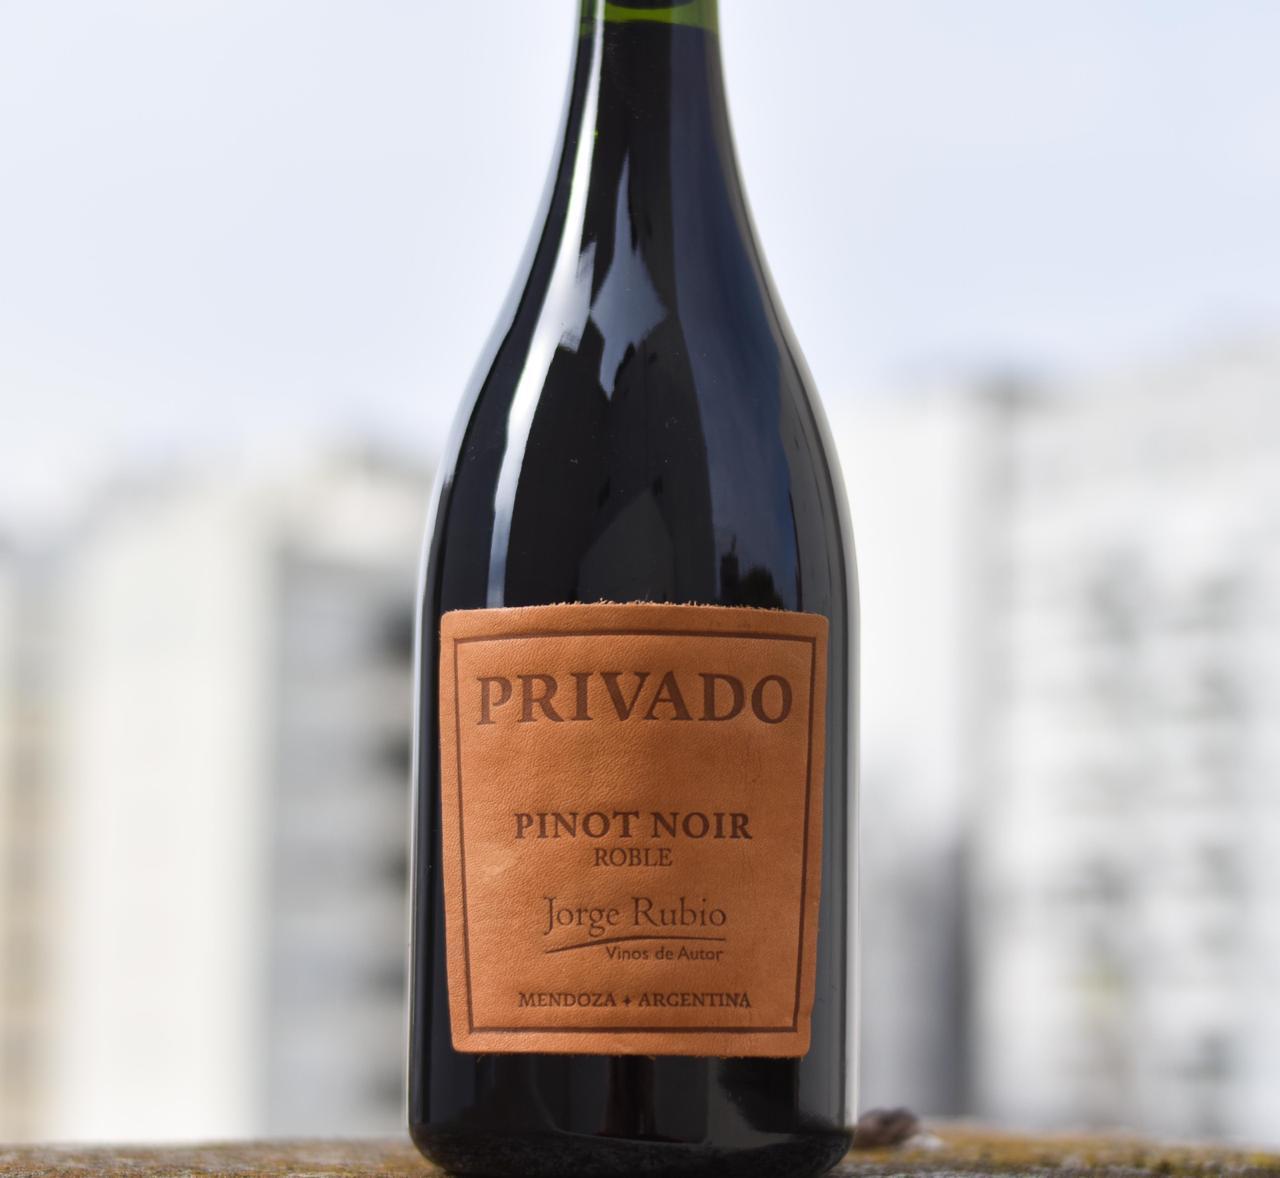 Privado Jorge Rubio Pinot Noir 2020